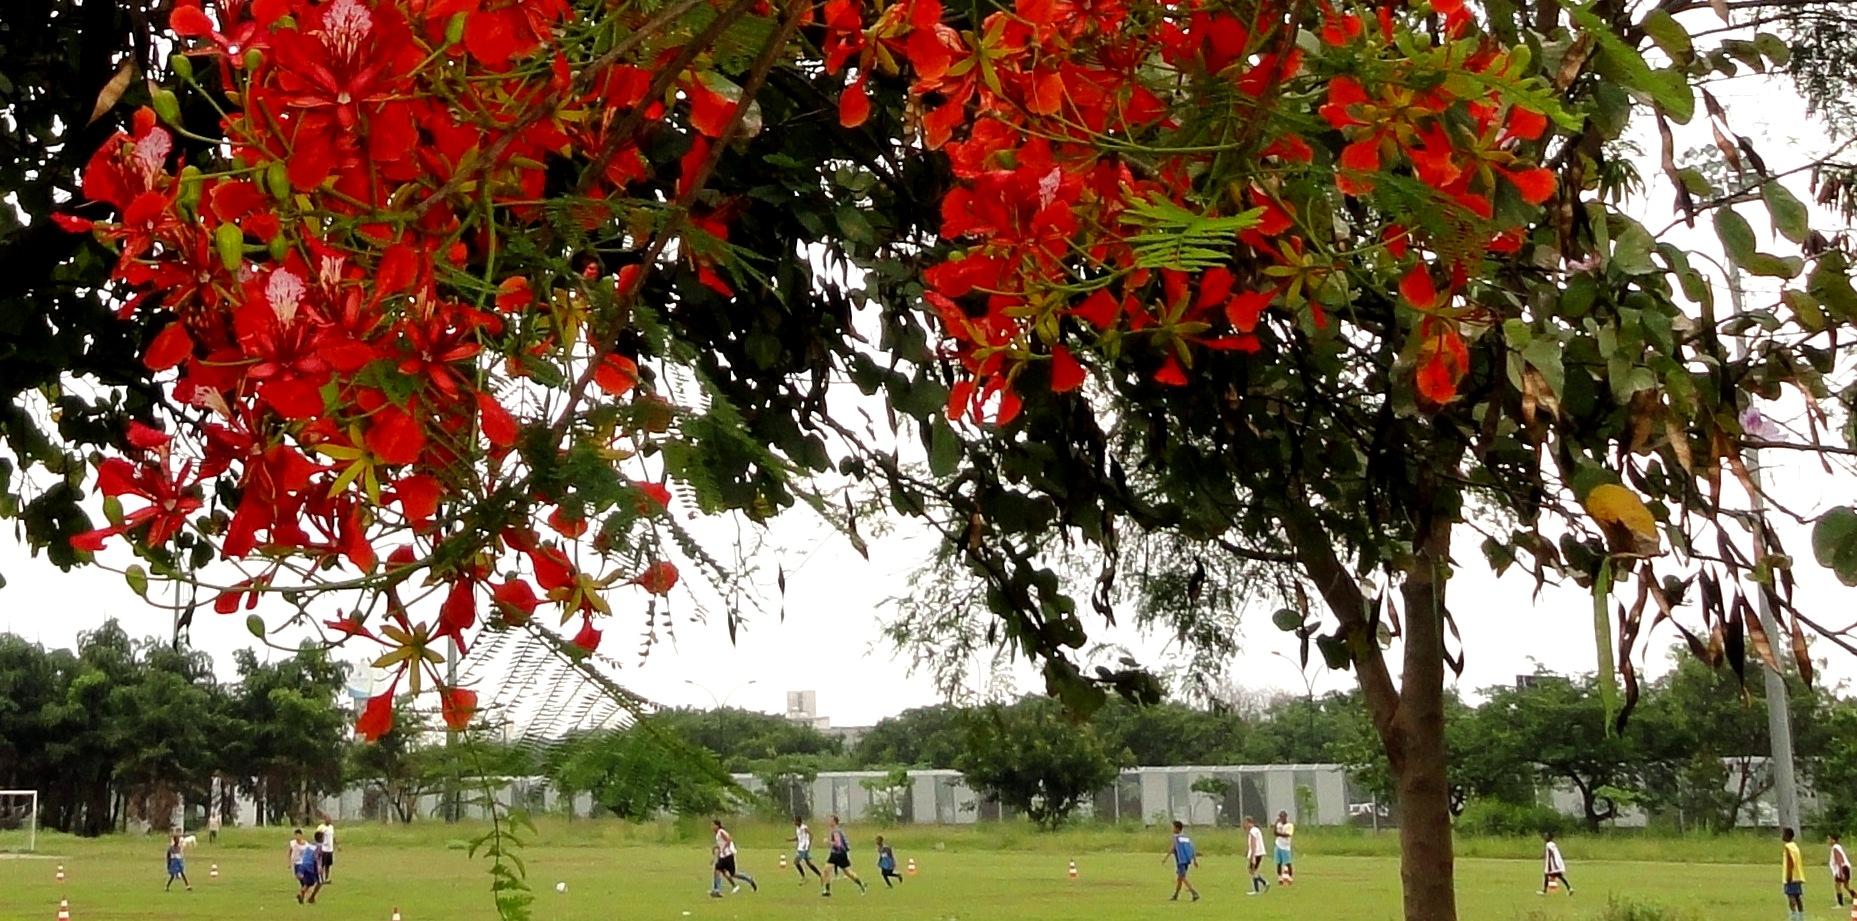 C:\Users\Jose Fantini\Pictures\A Mare\Arvores e outras\Ipes e outras\Árvores - Ipê (22-09-09)\futebol flamboyan DSC00988 livreto.jpg